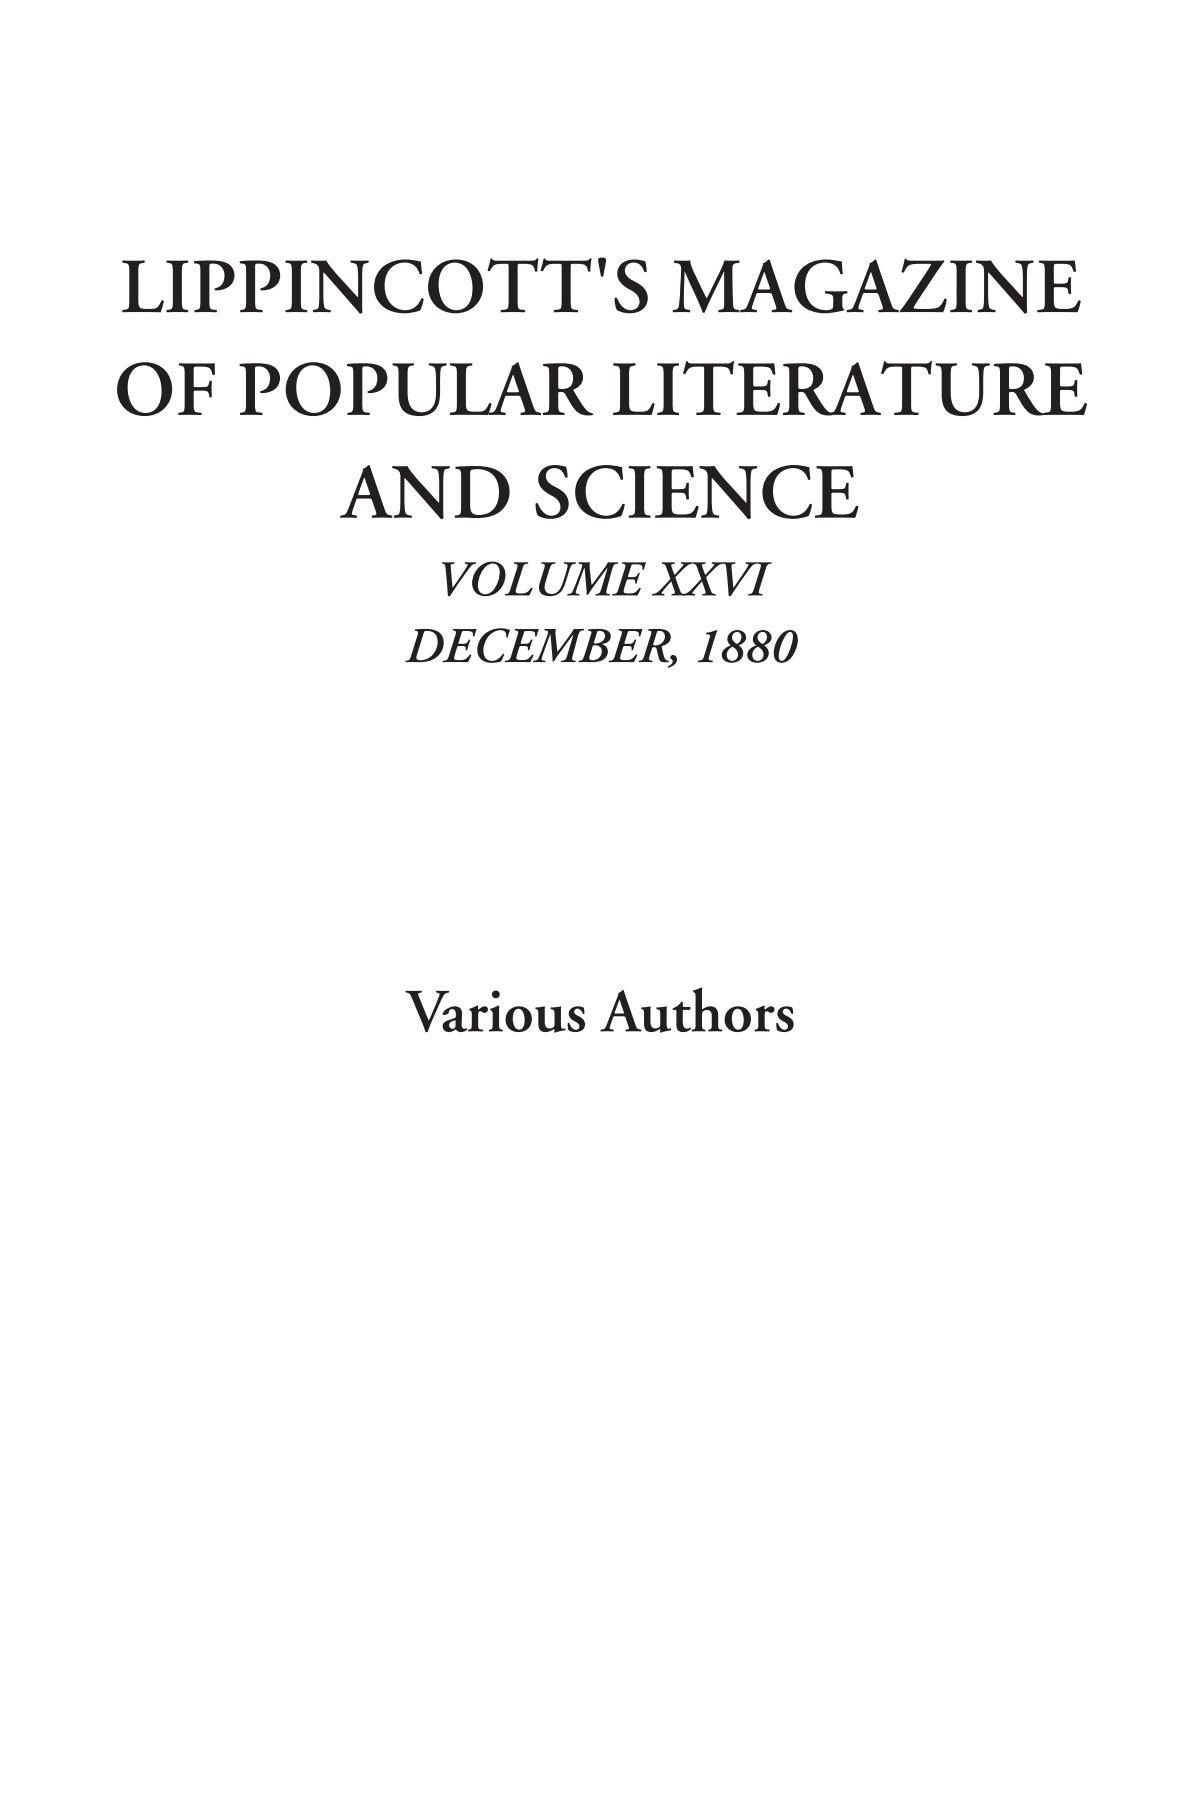 Lippincott's Magazine of Popular Literature and Science (Volume XXVI, December, 1880) ebook